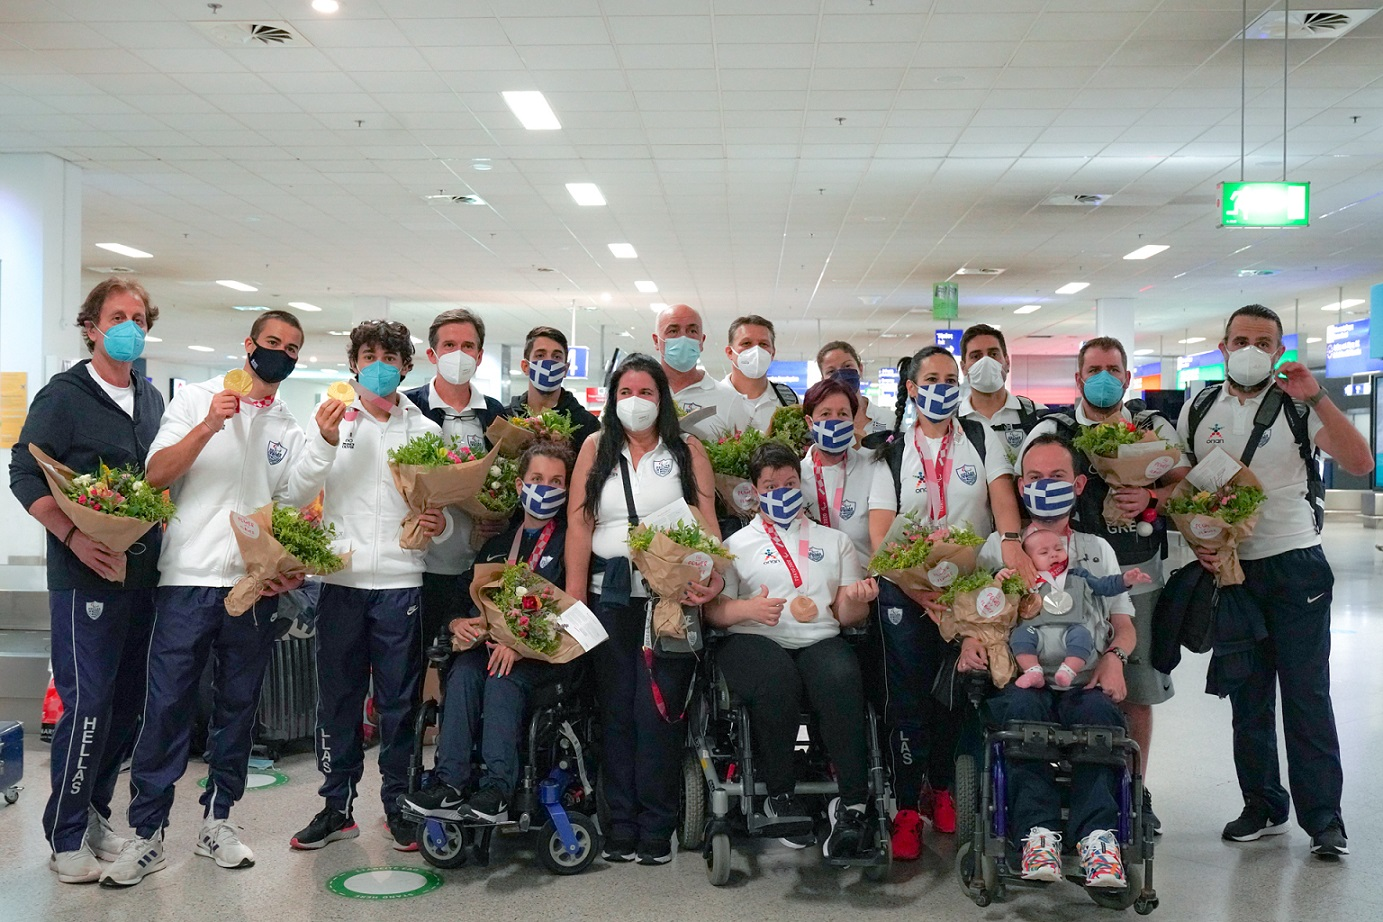 Με 11 μετάλλια η Ελληνική Παραολυμπιακή Ομάδα από το Τόκιο – Συγχαρητήρια από τον ΟΠΑΠ στους 44 αθλητές